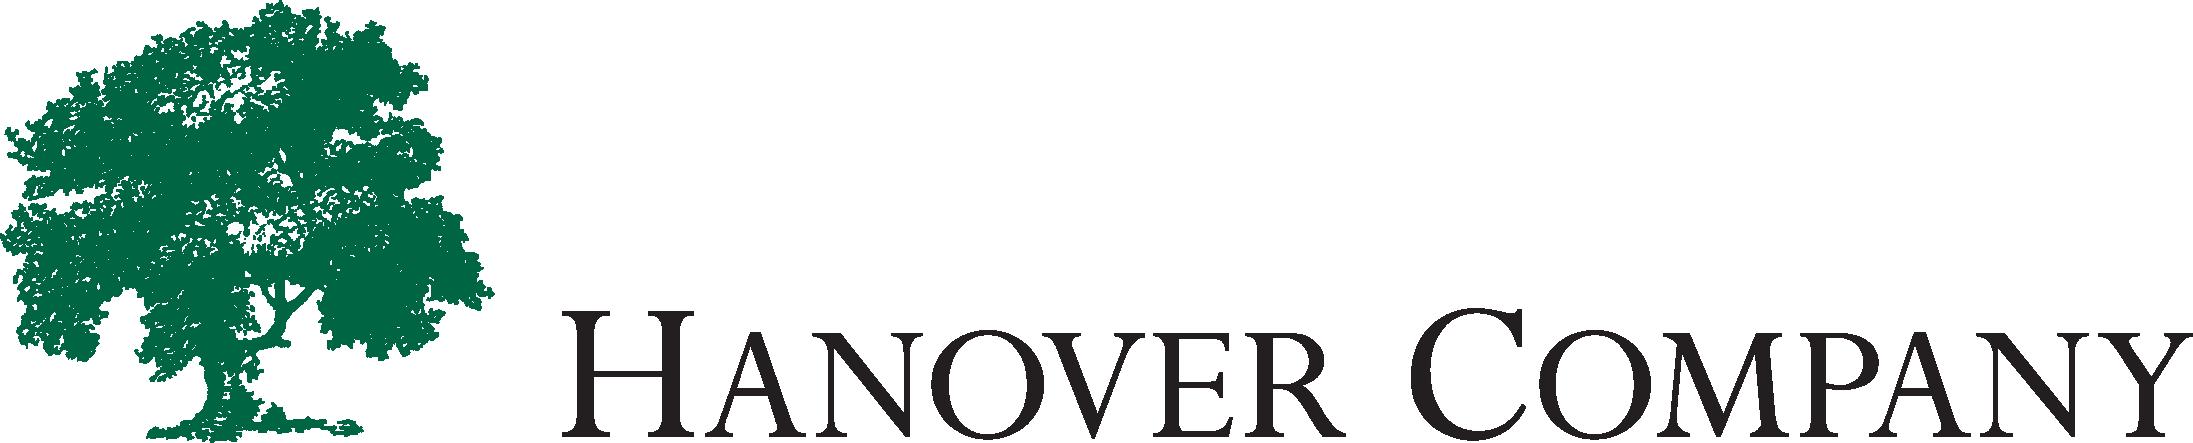 Hanover Company's Logo